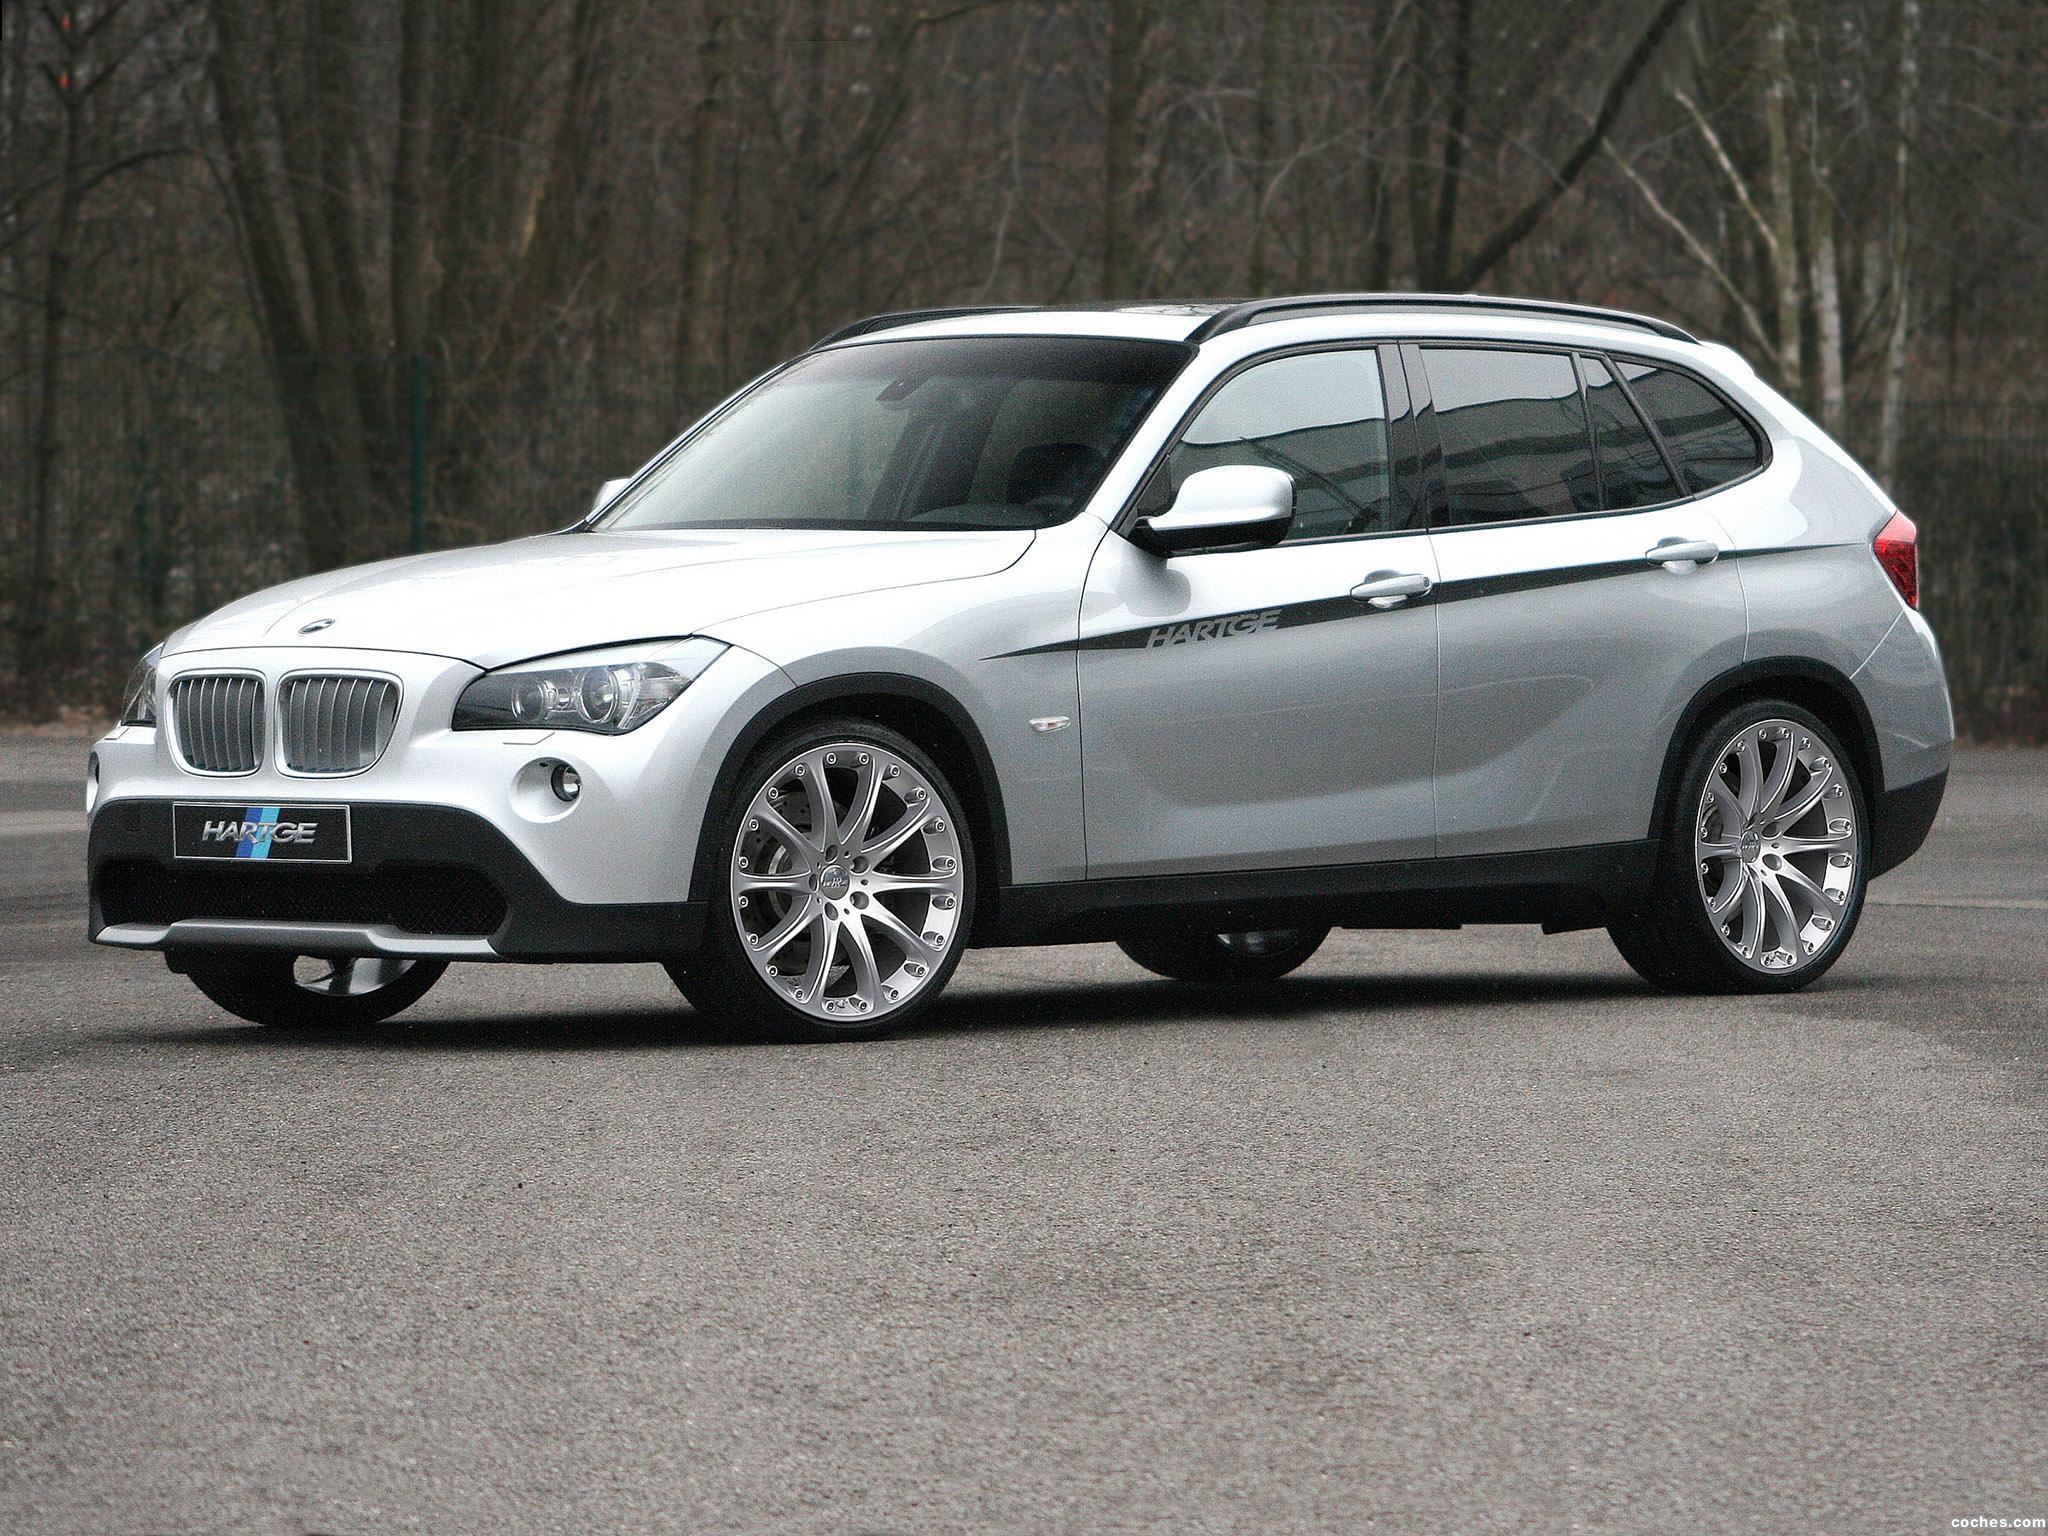 Foto 0 de BMW X1 hartge 2010